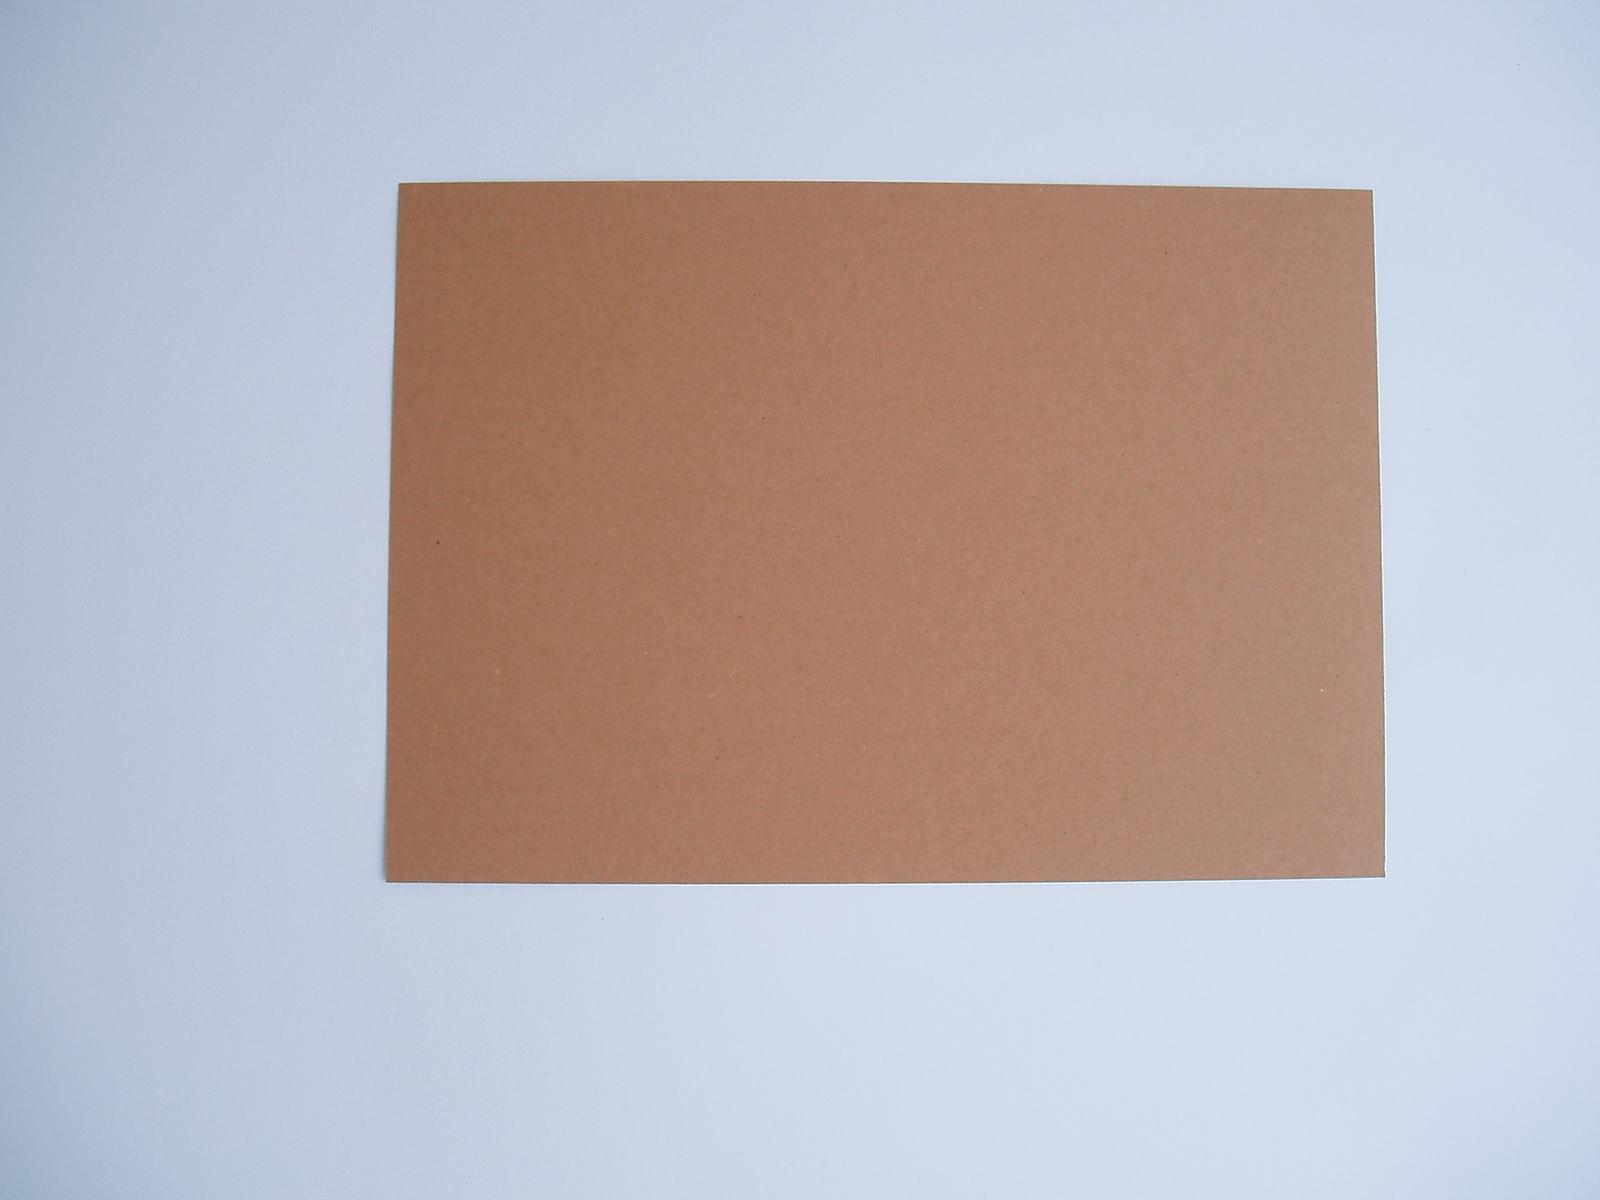 kraftový papír - Obrázek č. 1